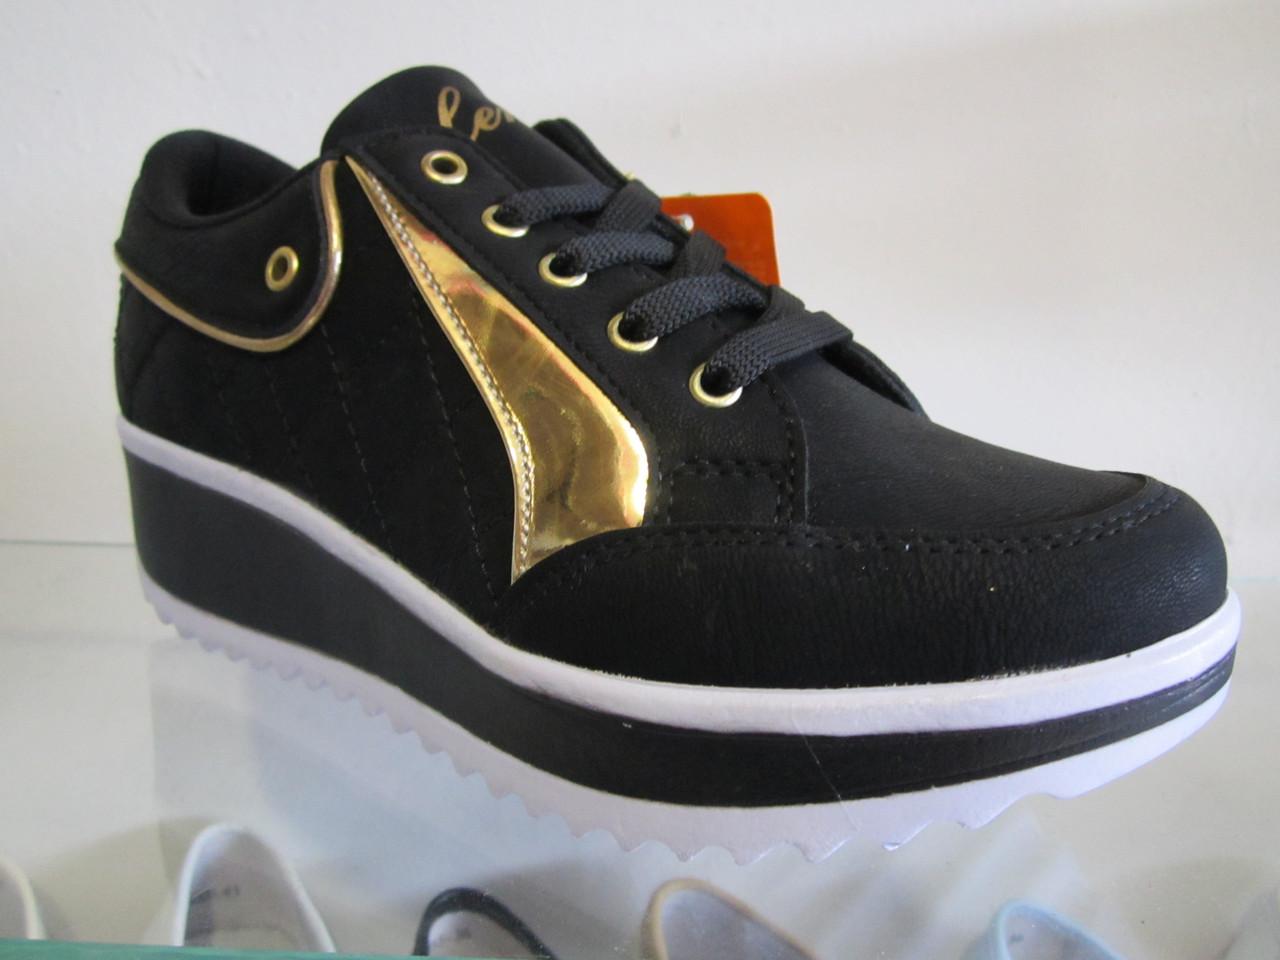 545ed8401 Кроссовки женские Lennox чёрные - Интернет-магазин Обувной каприз в  Житомирской области